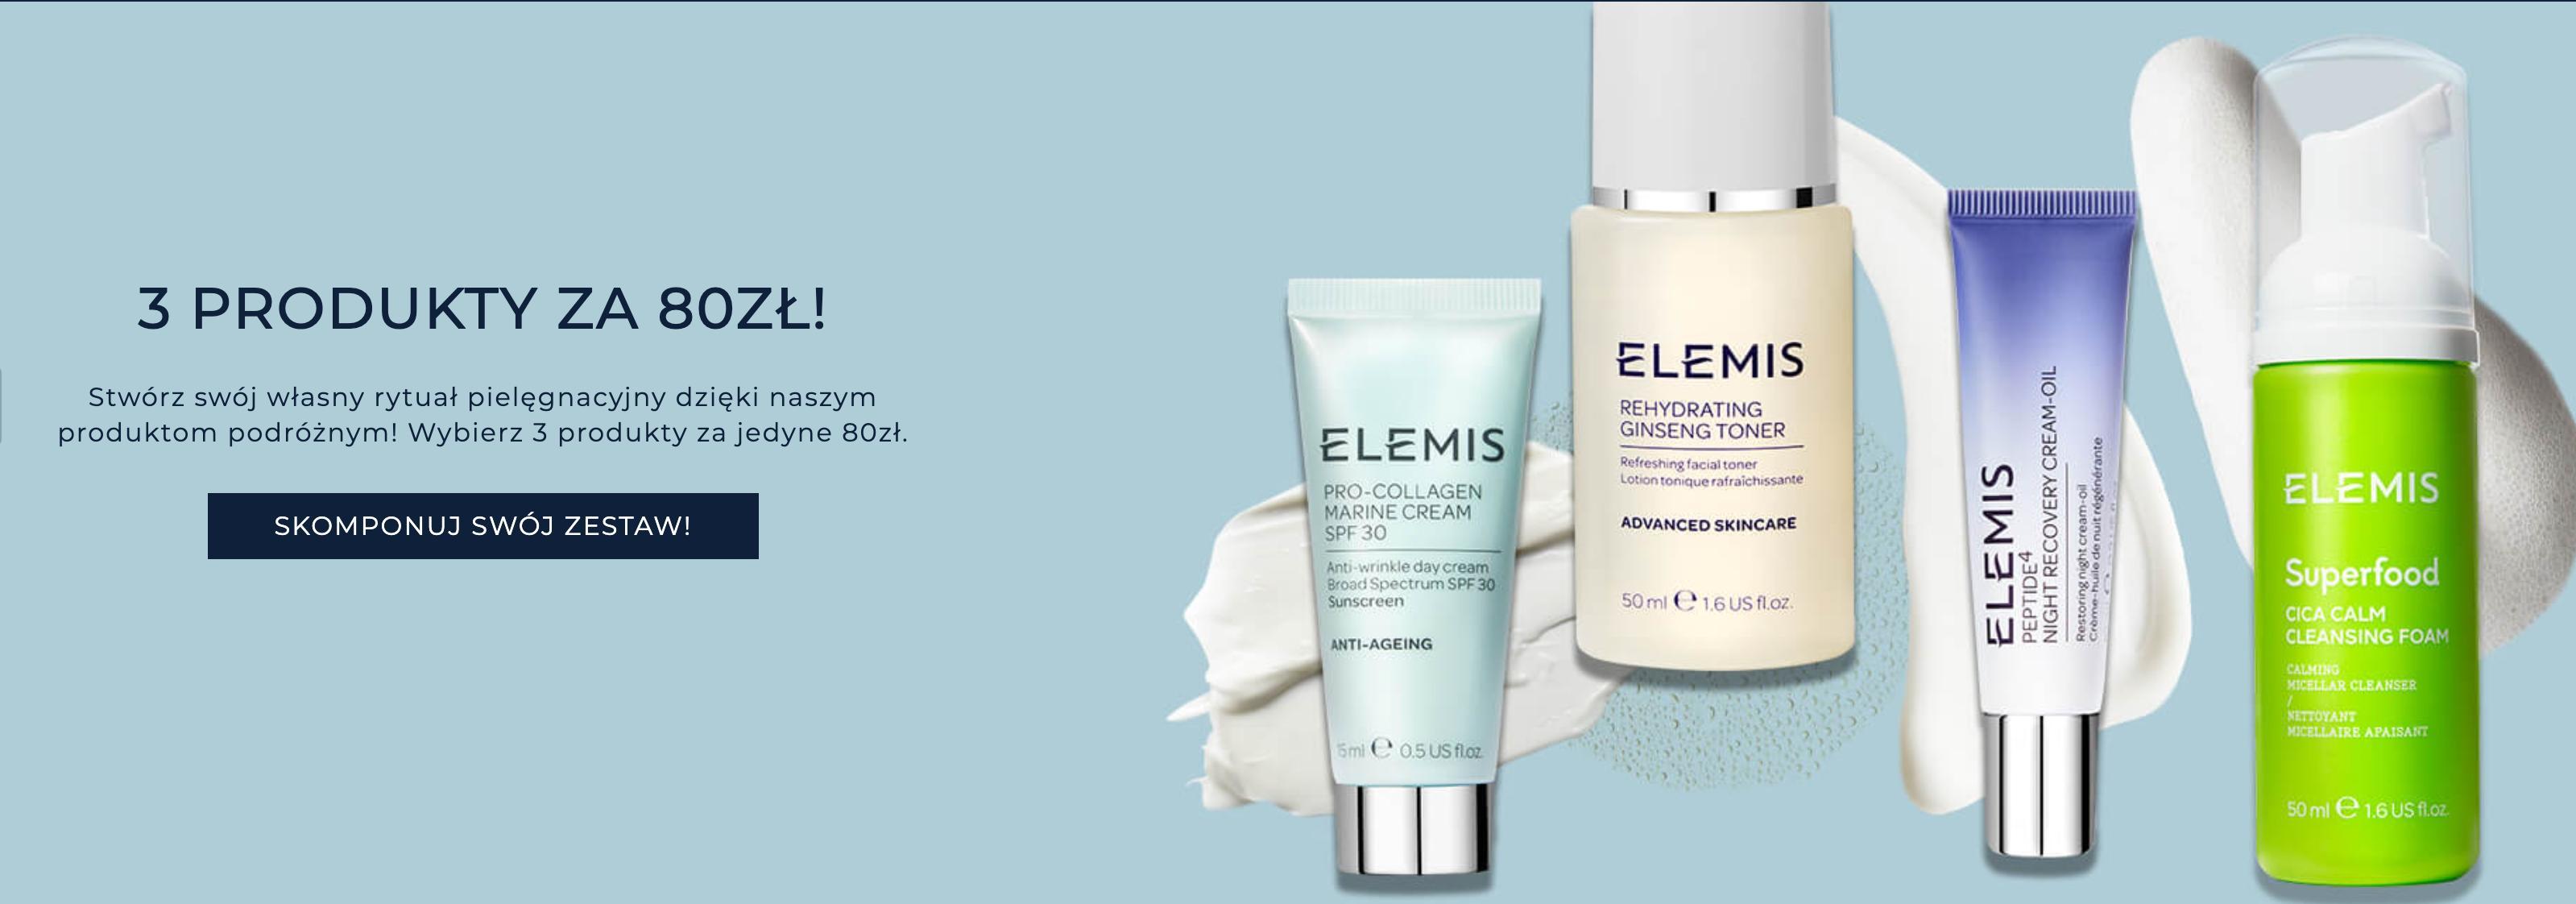 Elemis: 3 produkty podróżne do twarzy i ciała za 80 zł